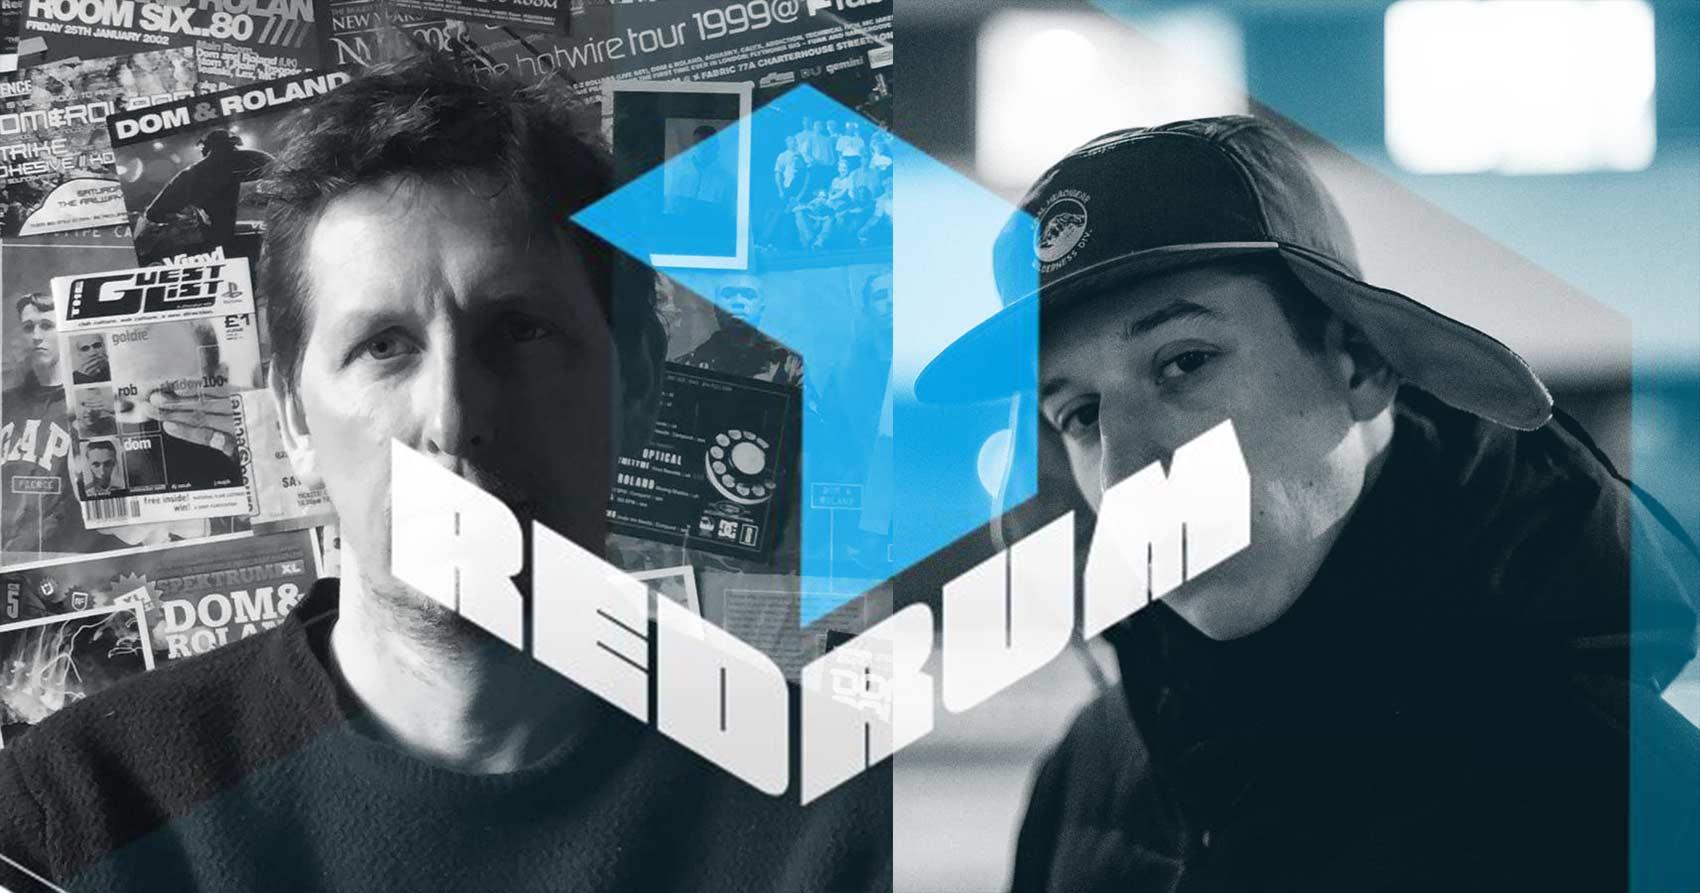 Gästeliste für die Redrum II mit Dom & Roland und Submarine in Darmstadt gewinnen!